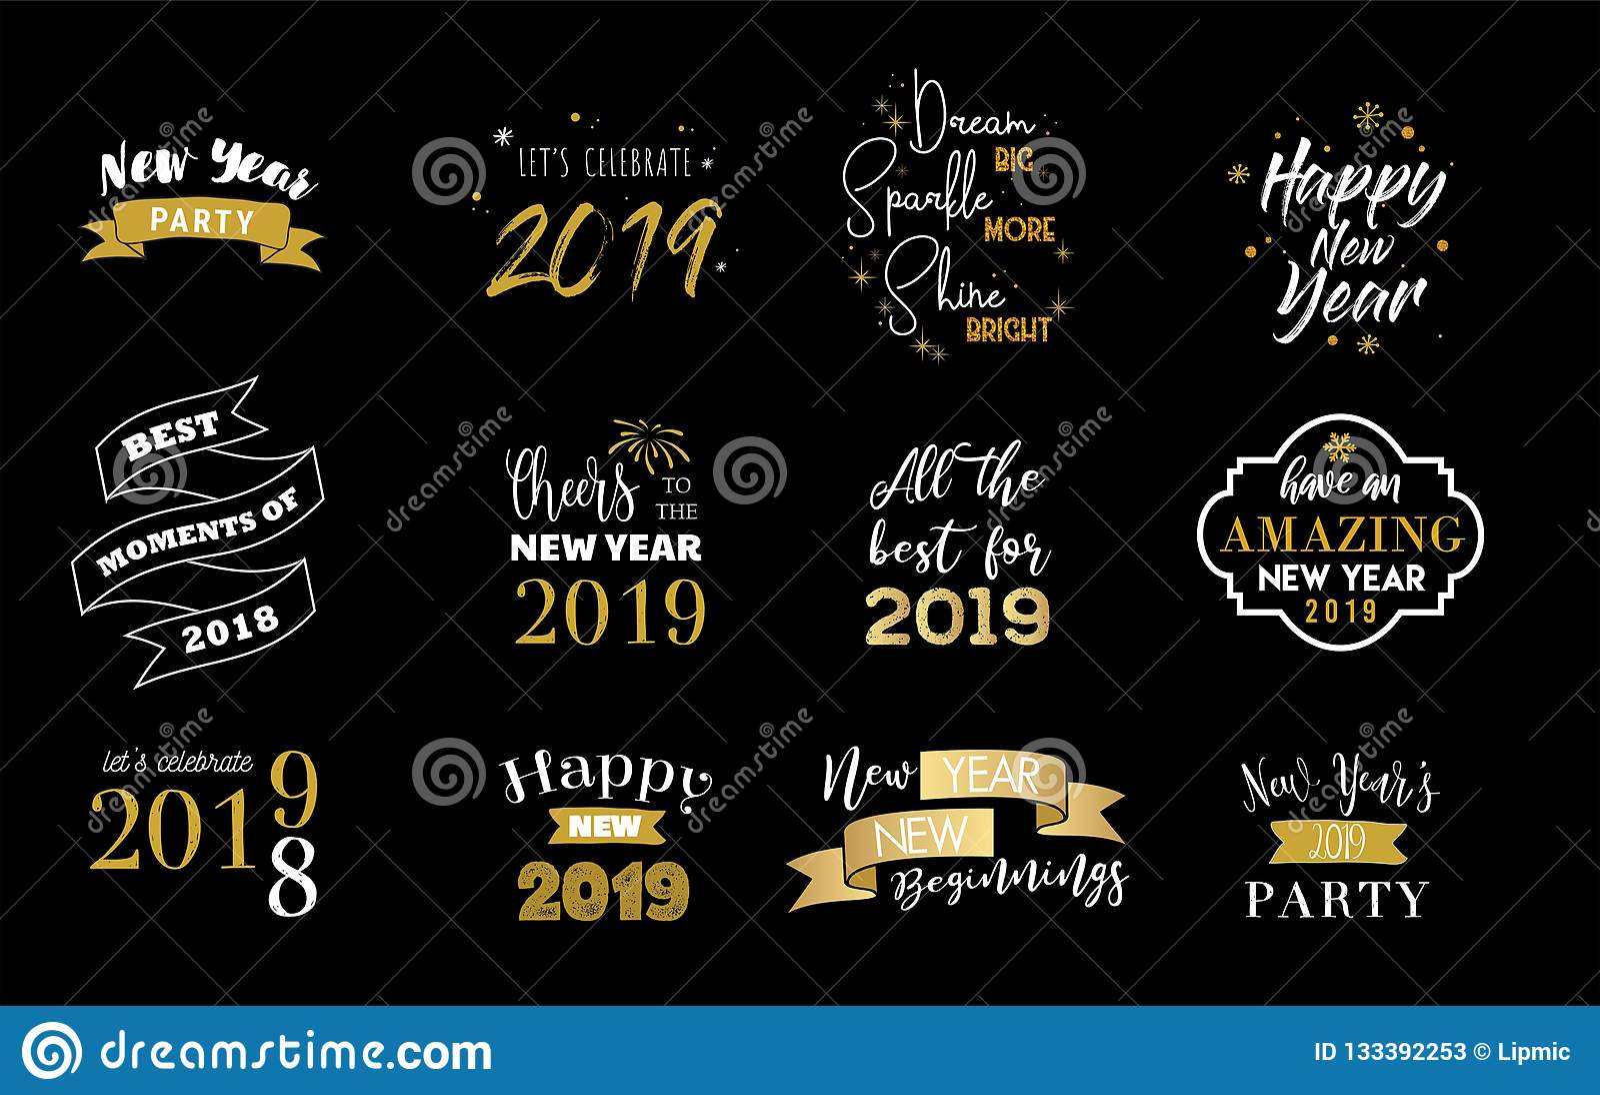 Happy New Year Logo 2019 86